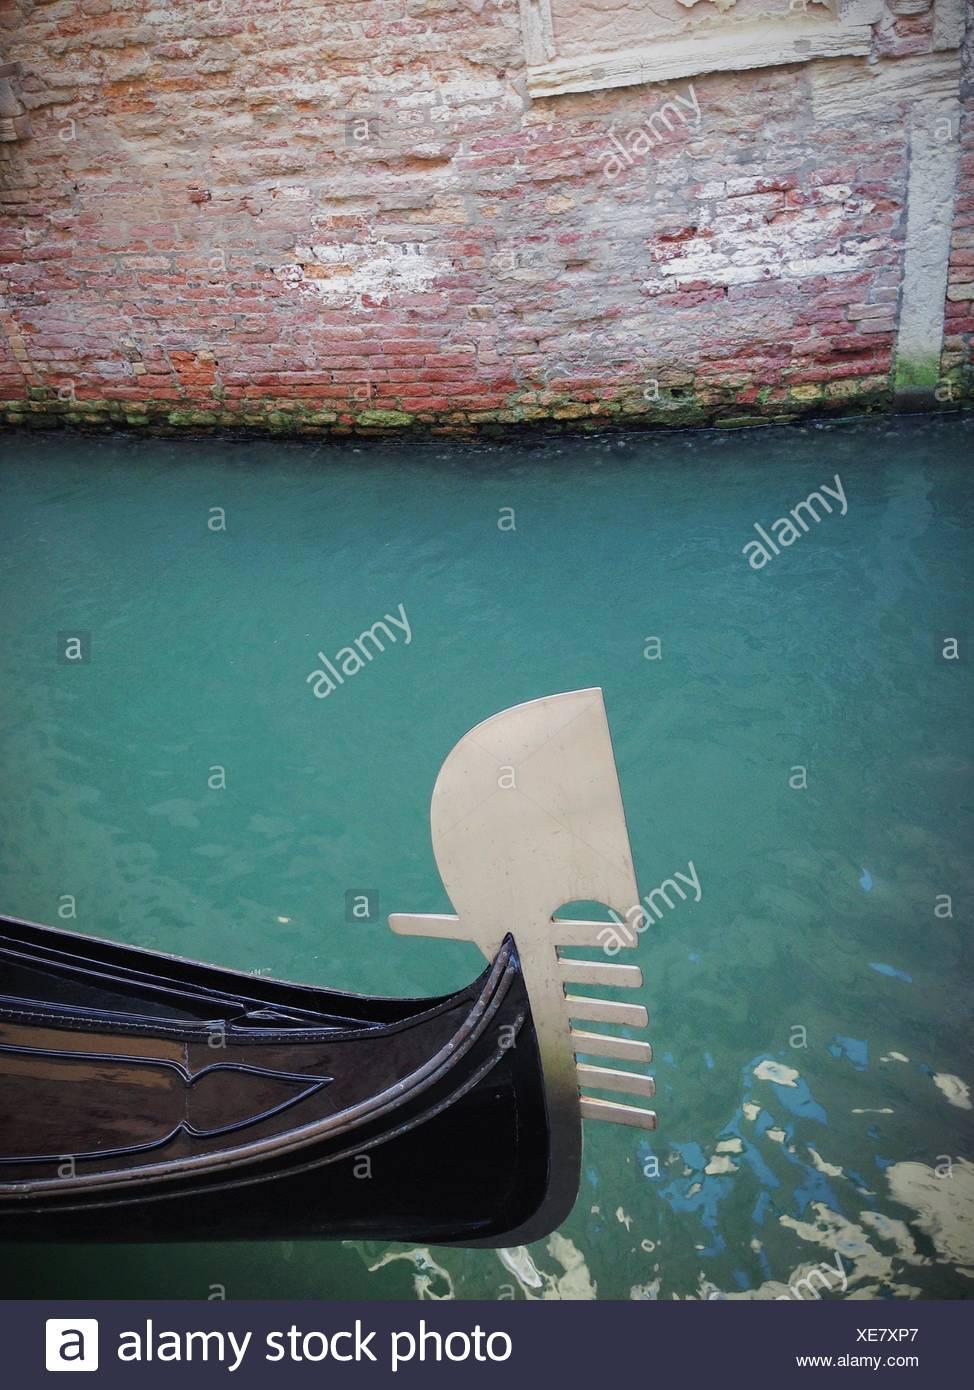 L'Italia, Venezia, ornamento tipico delle barche Immagini Stock